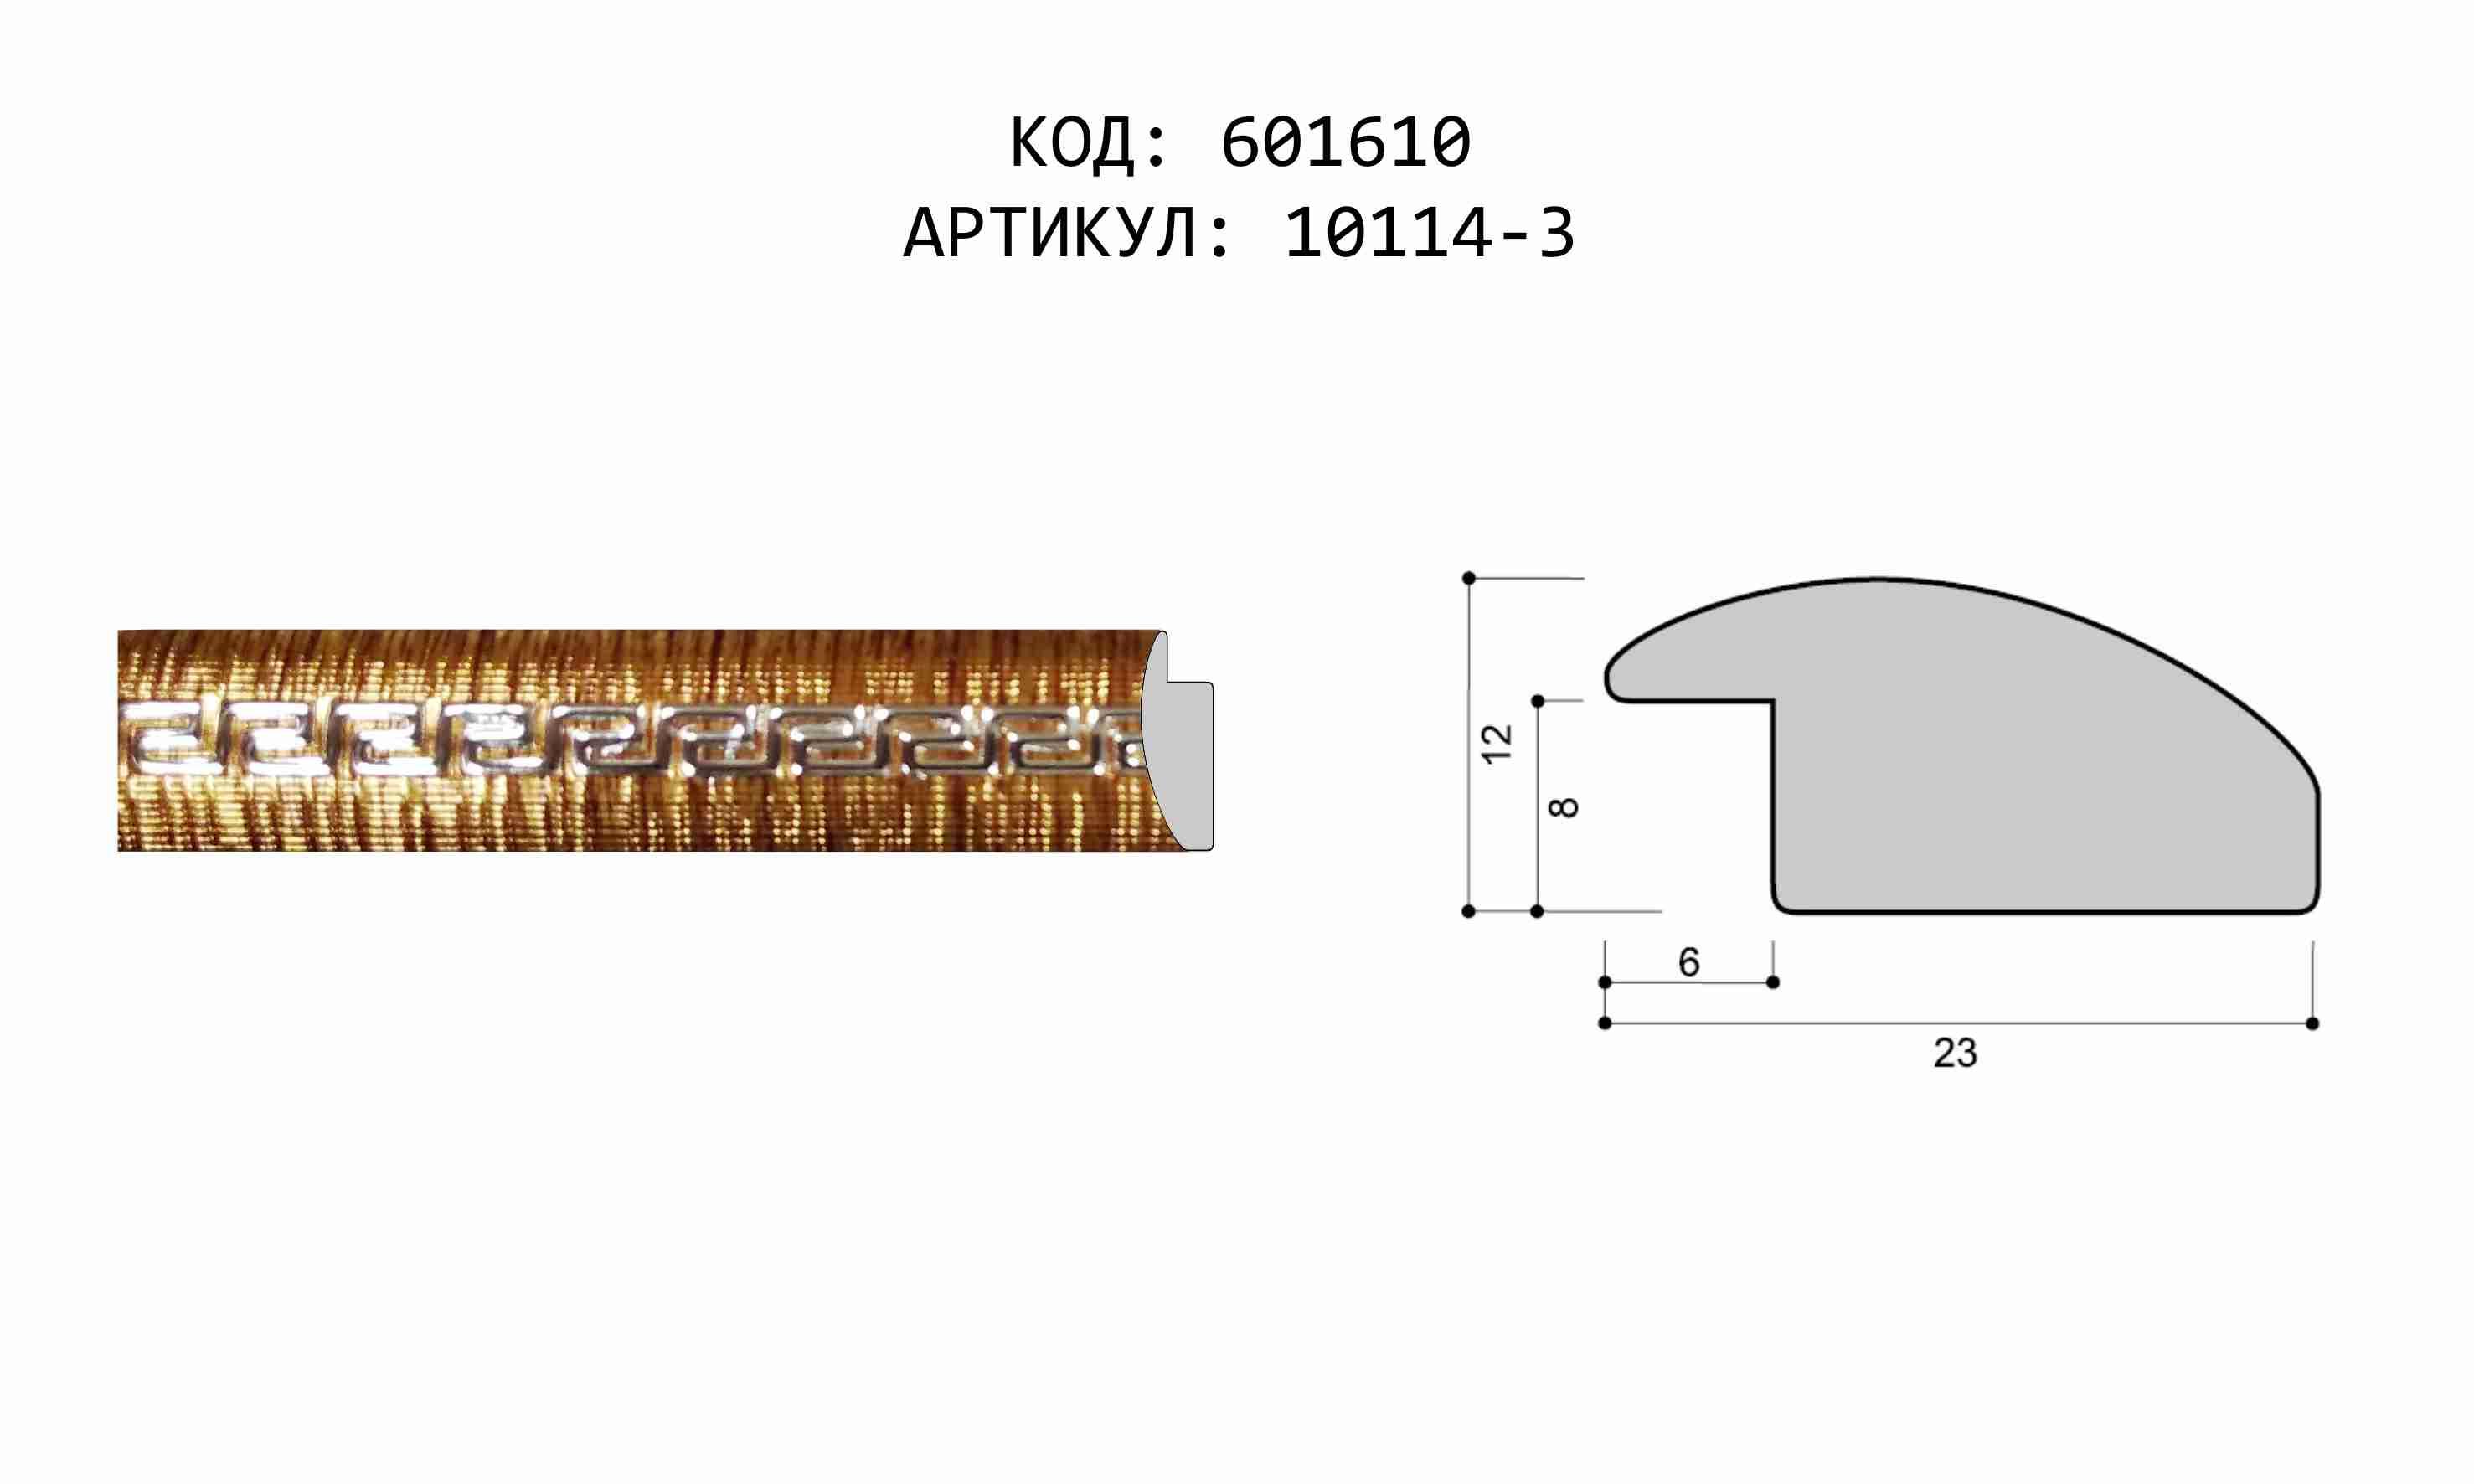 Артикул: 10114-3